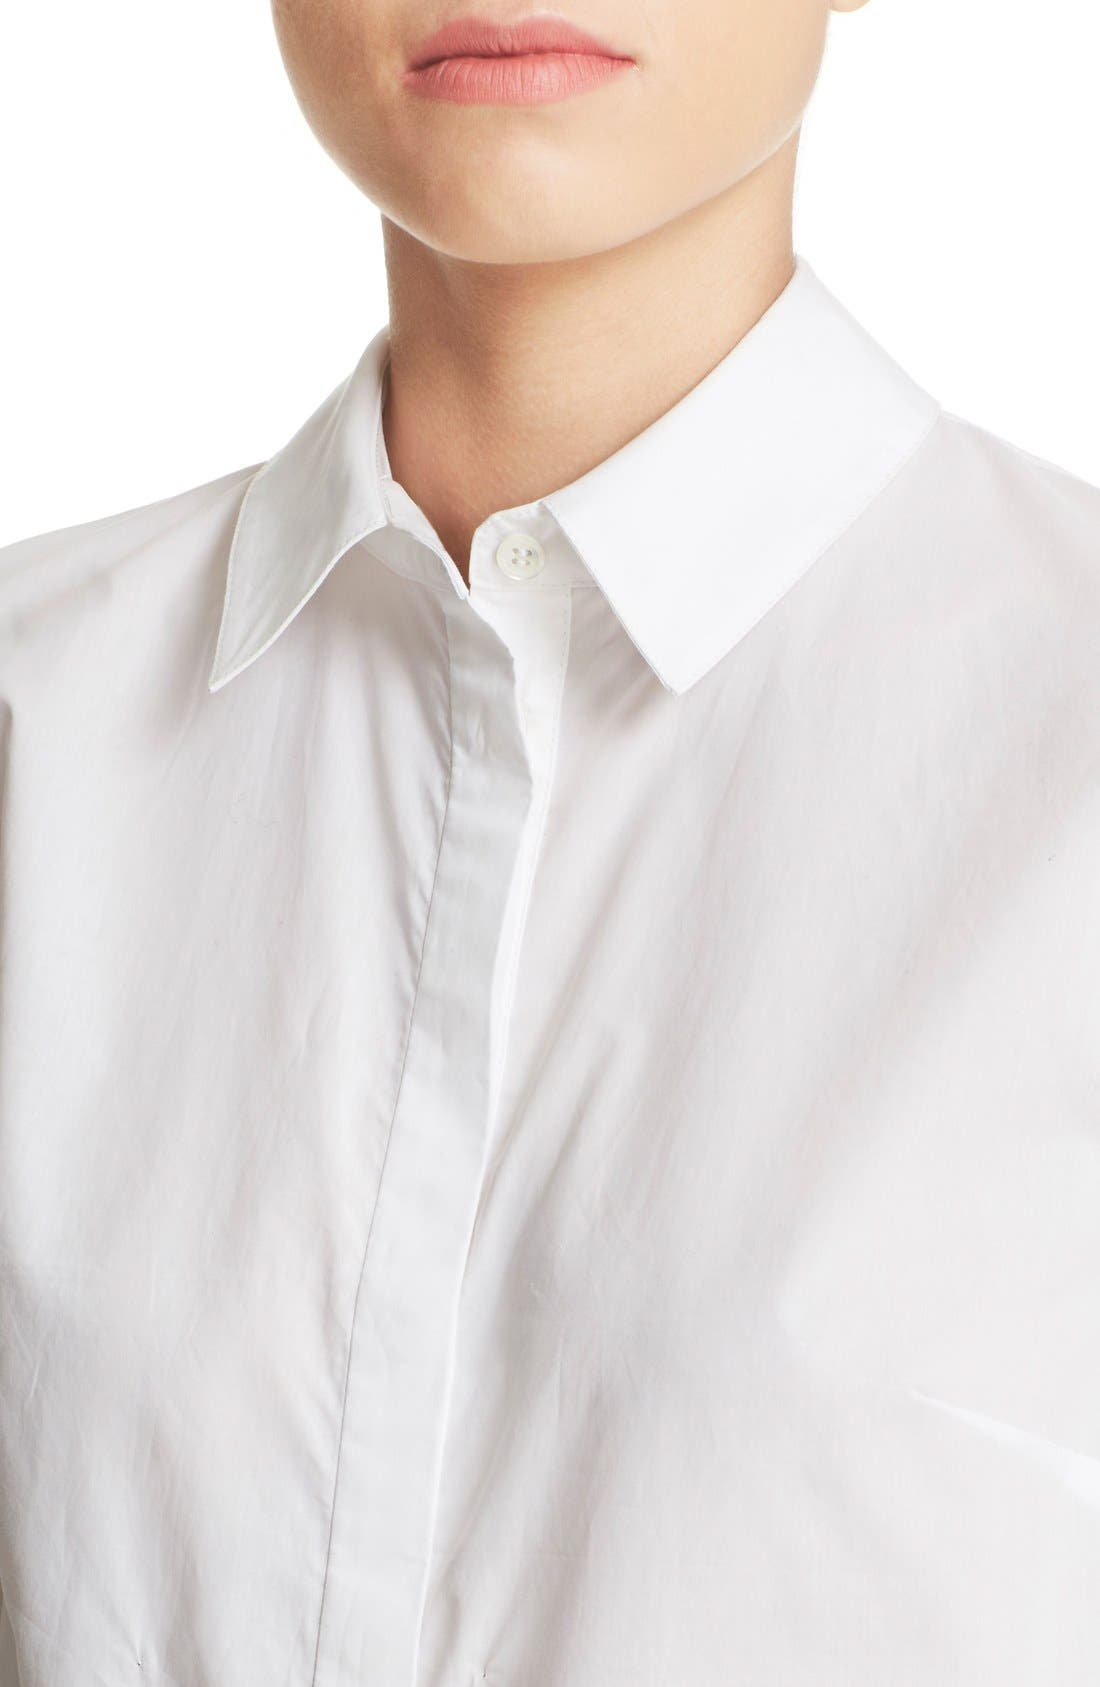 'Le Bowtie' Removable Tie Cotton Poplin Blouse,                             Alternate thumbnail 2, color,                             100